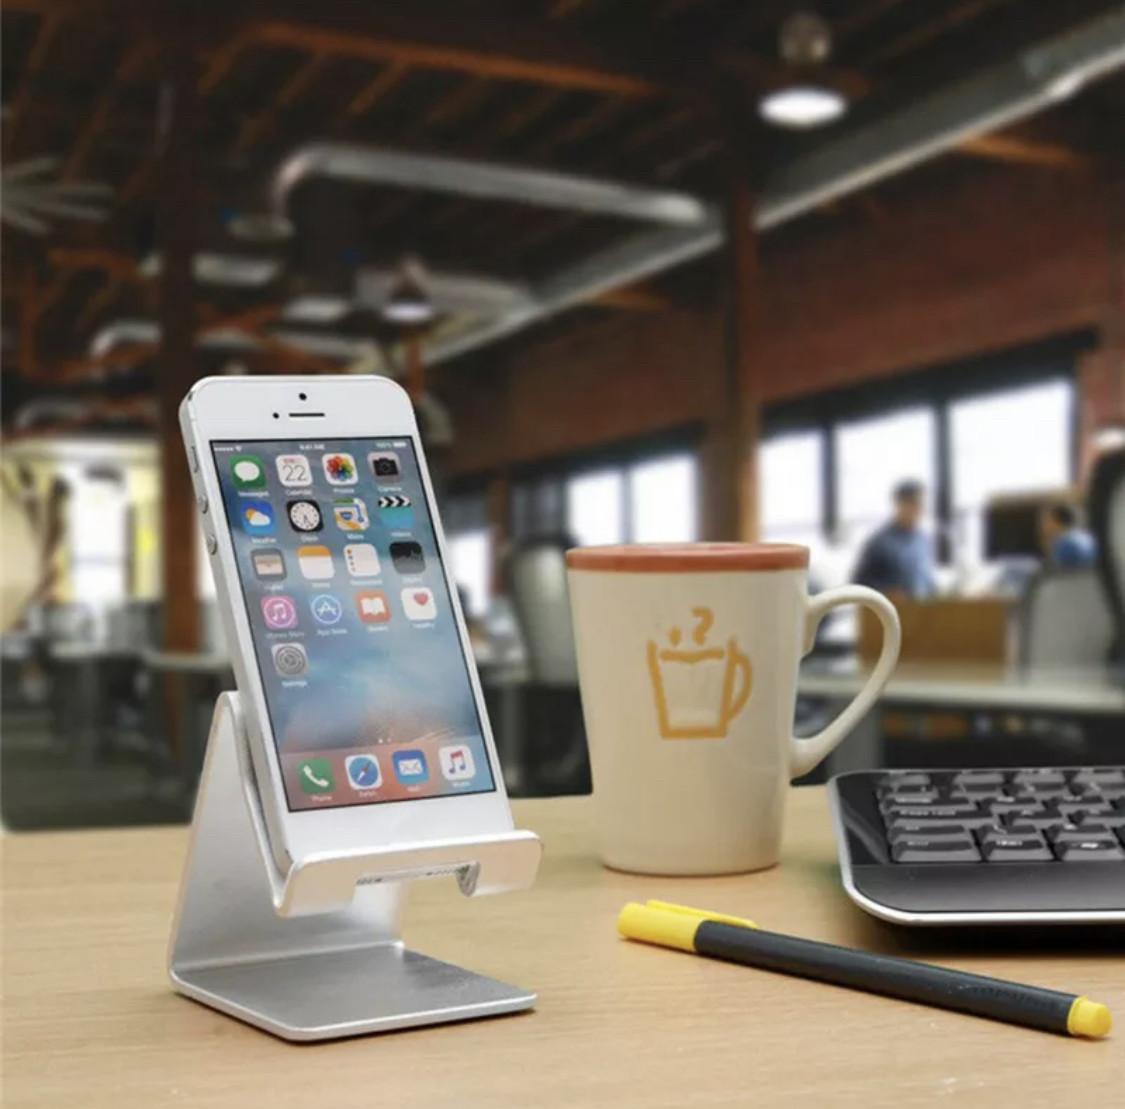 Универсальная алюминиевая подставка-держатель Stainless для смартфонов и планшетов (серебристый)